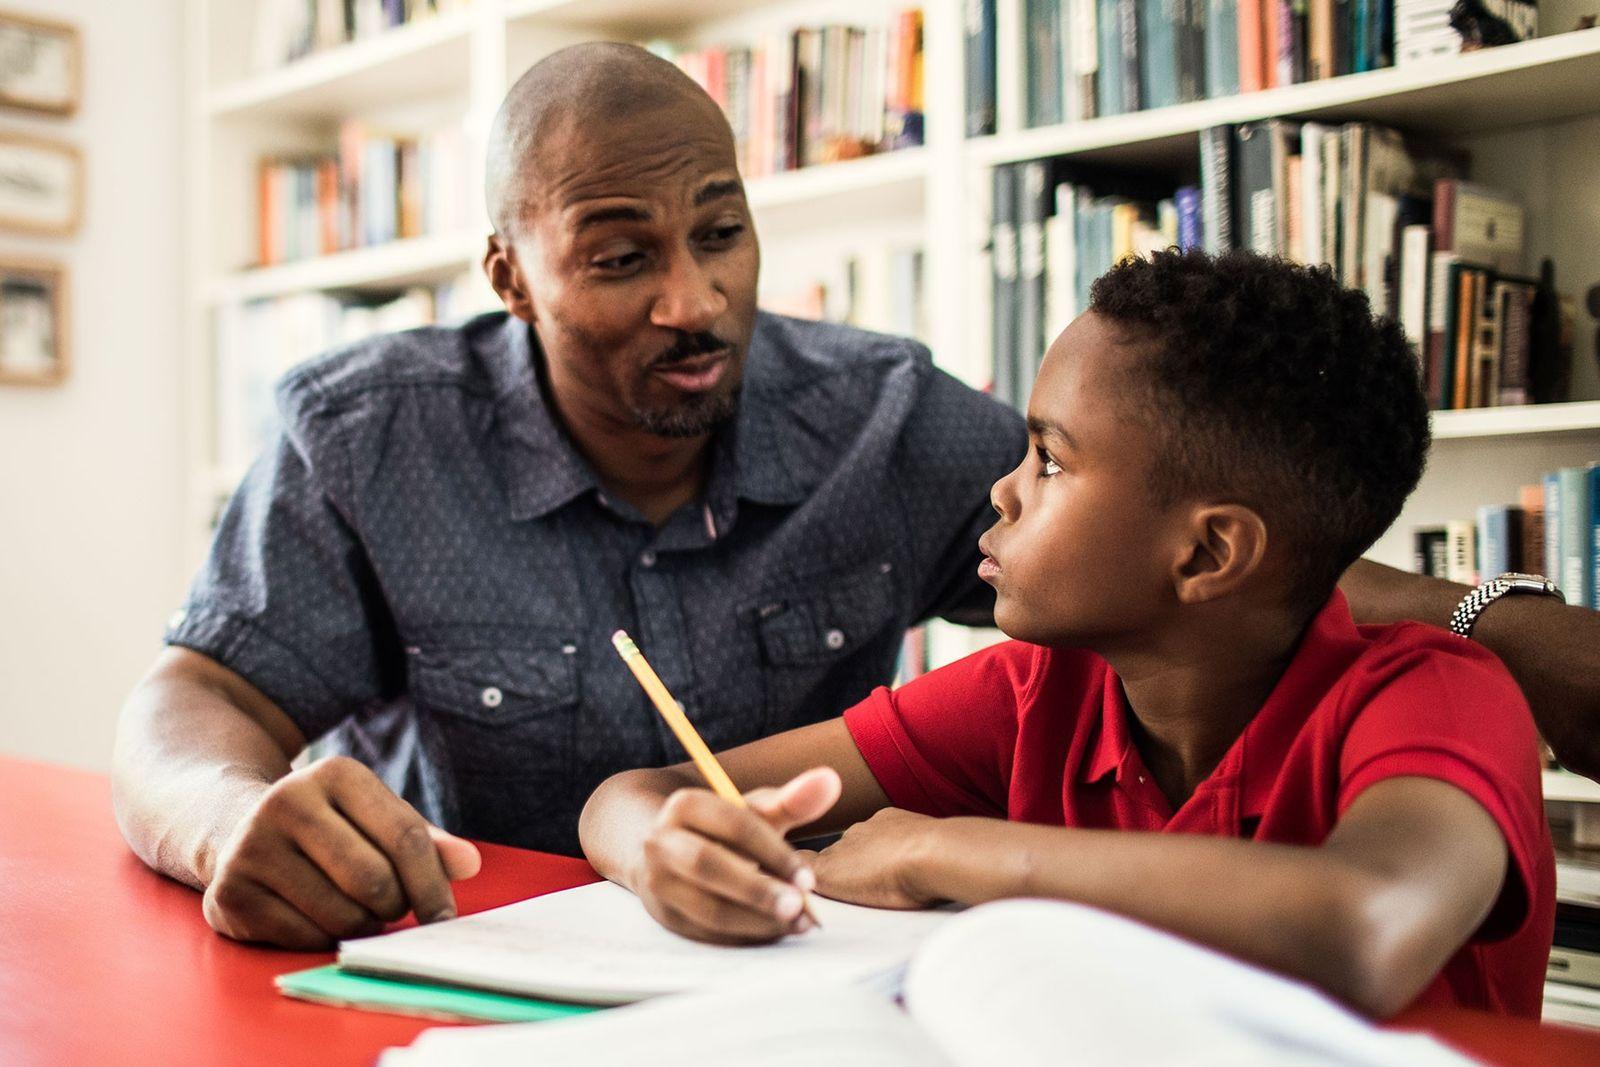 Homeschooling tips for the coronavirus shutdown